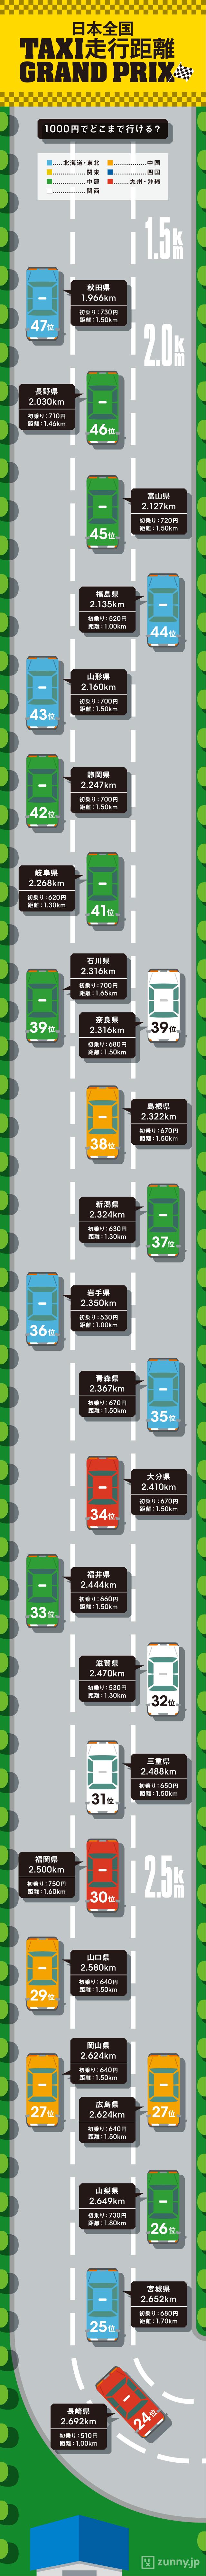 インフォグラフィック:タクシー初乗り都道府県比較。千円分の走行距離は1位と47位で約2倍の差